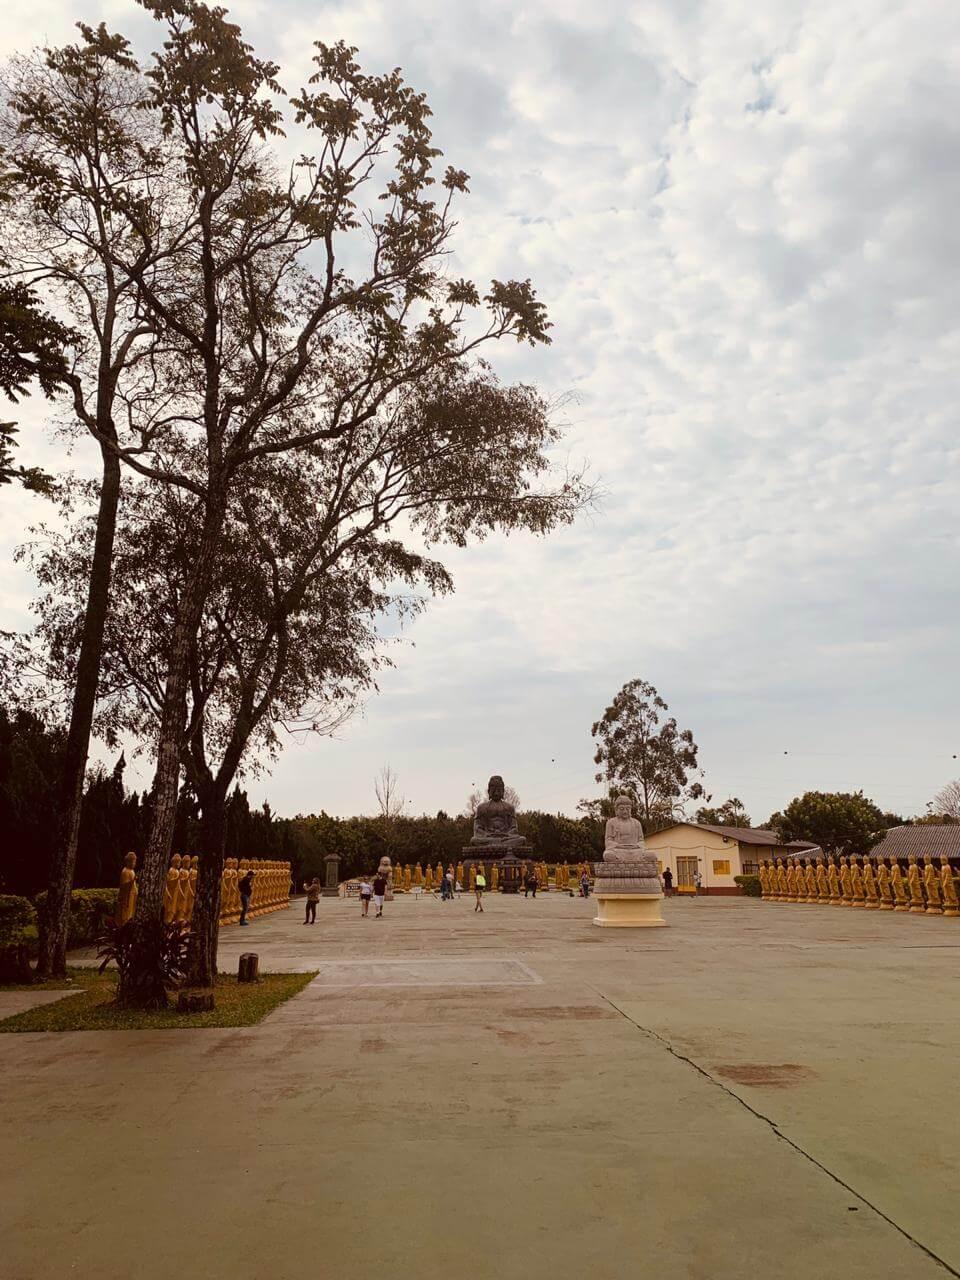 Pátio interno do templo budista de Foz do Iguaçu com pessoas andando, casinhas, estátuas e árvores.